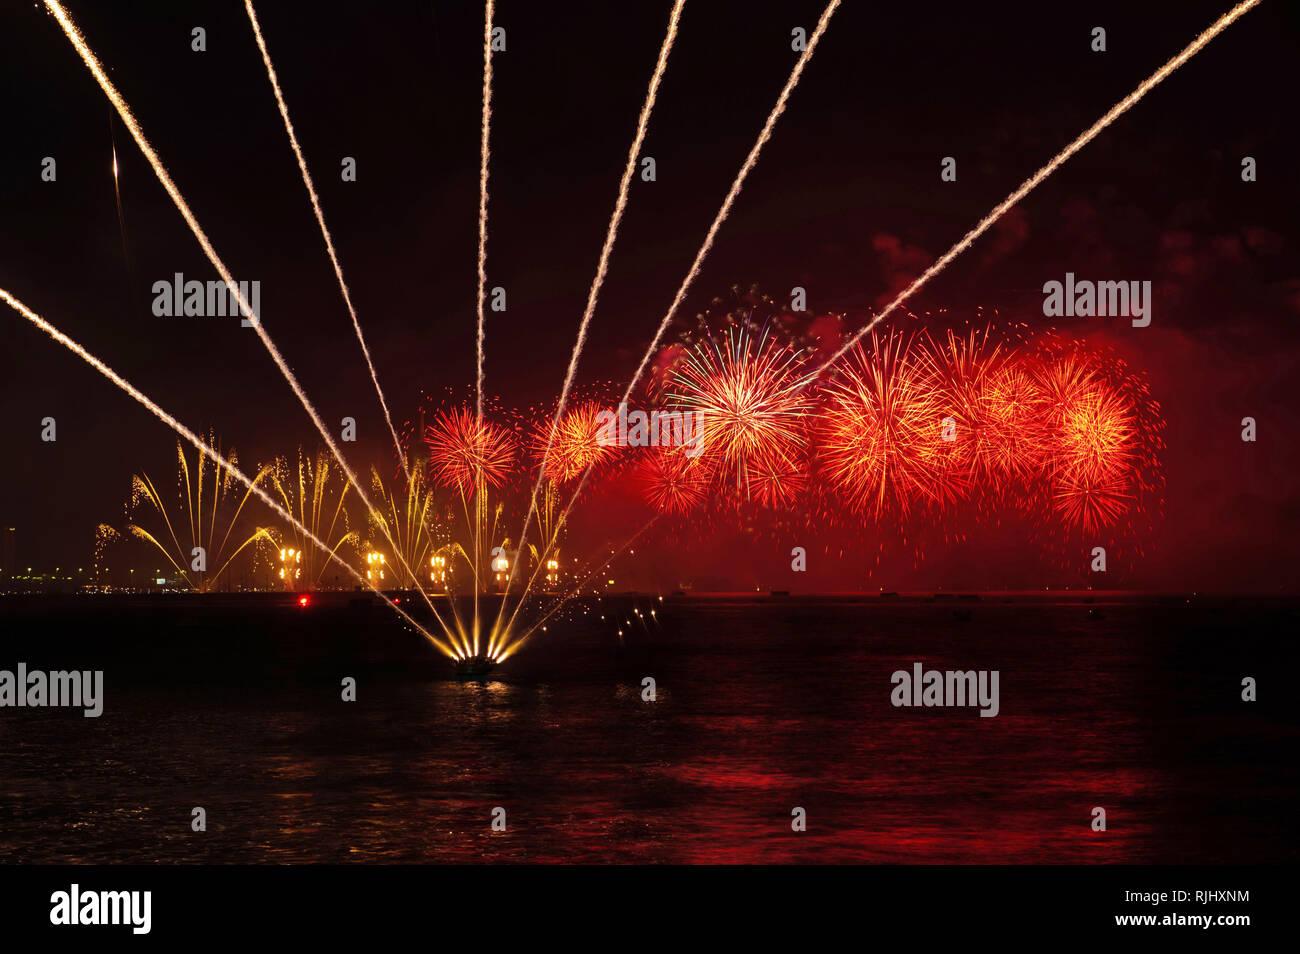 Kuwait City fireworks - Stock Image